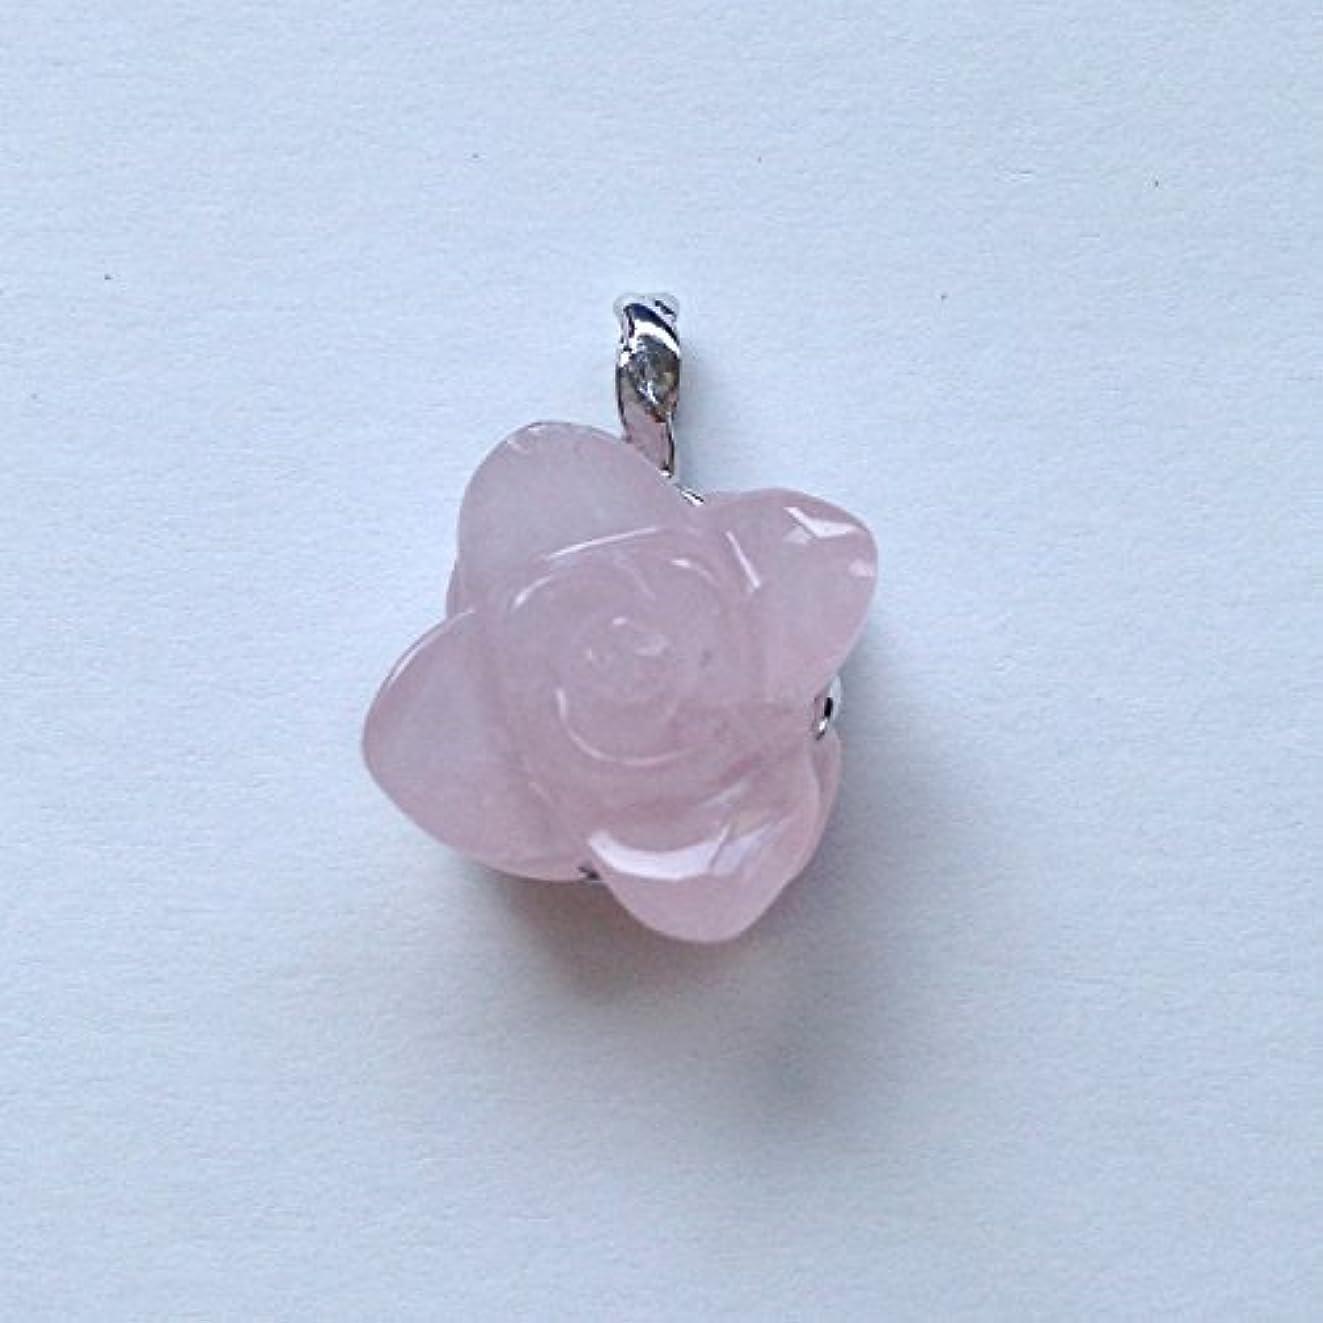 一月シリアルエスカレート香る宝石SVローズクォーツペンダント通常¥26,800の所 (Ag925)